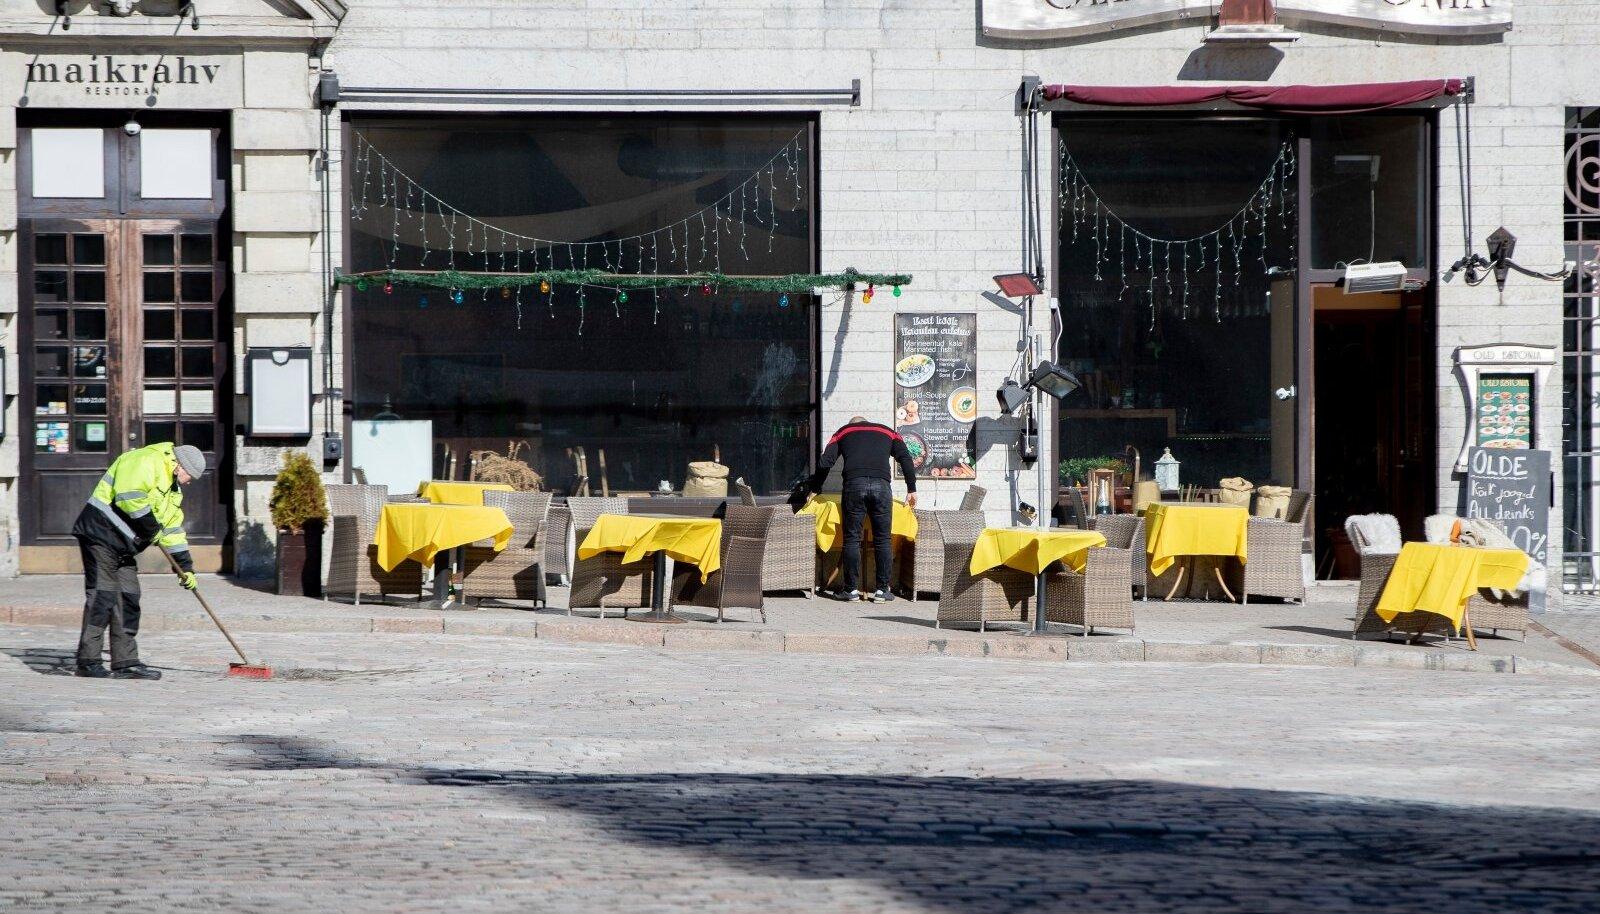 Tallinna vanalinna toidukohad ootavad pikisilmi luba väliterrasside avamiseks.